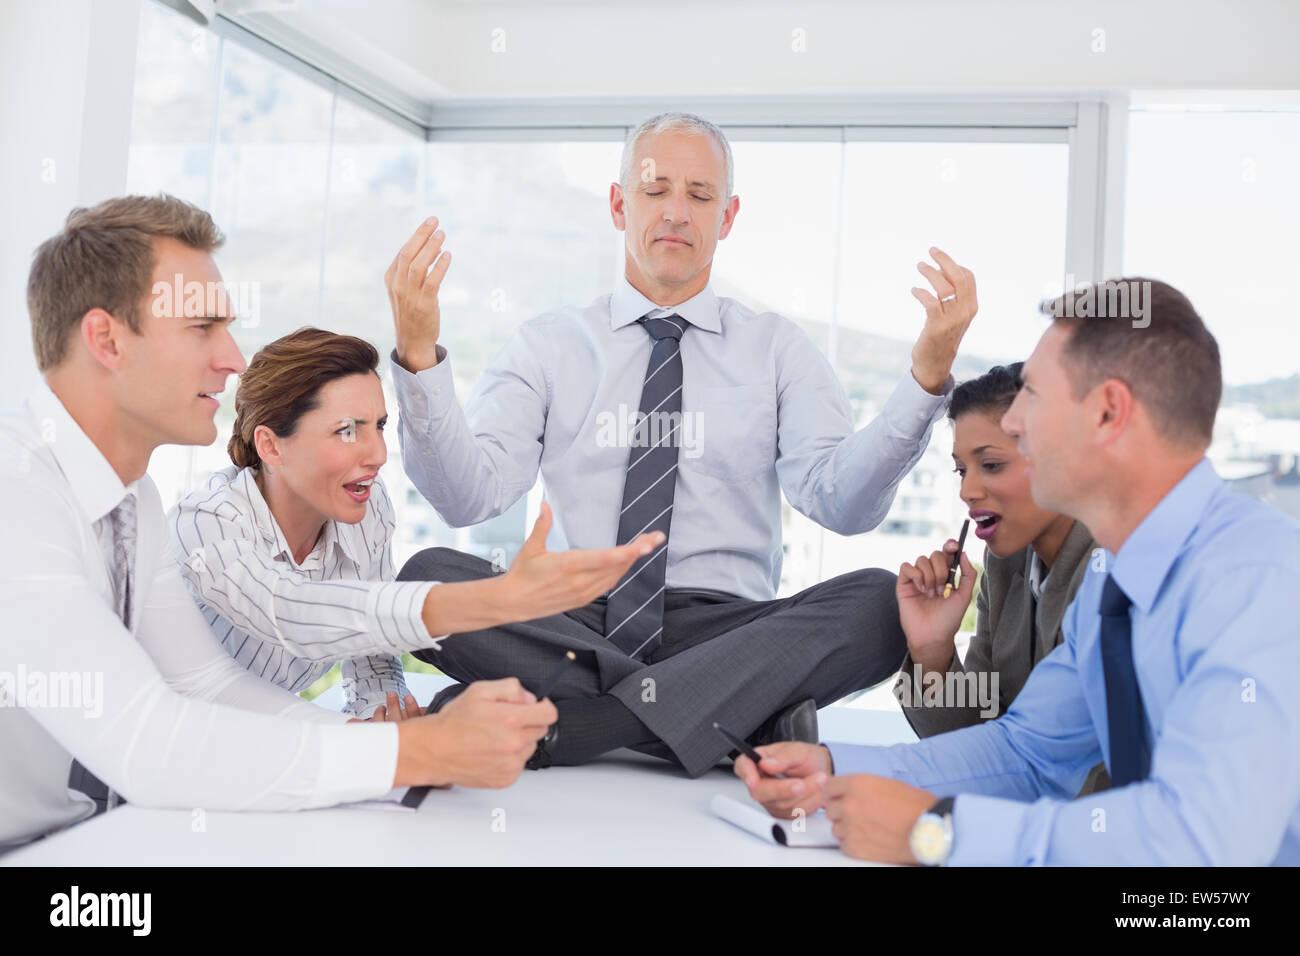 Imprenditore rilassante sulla scrivania con sconvolto i colleghi circa Immagini Stock